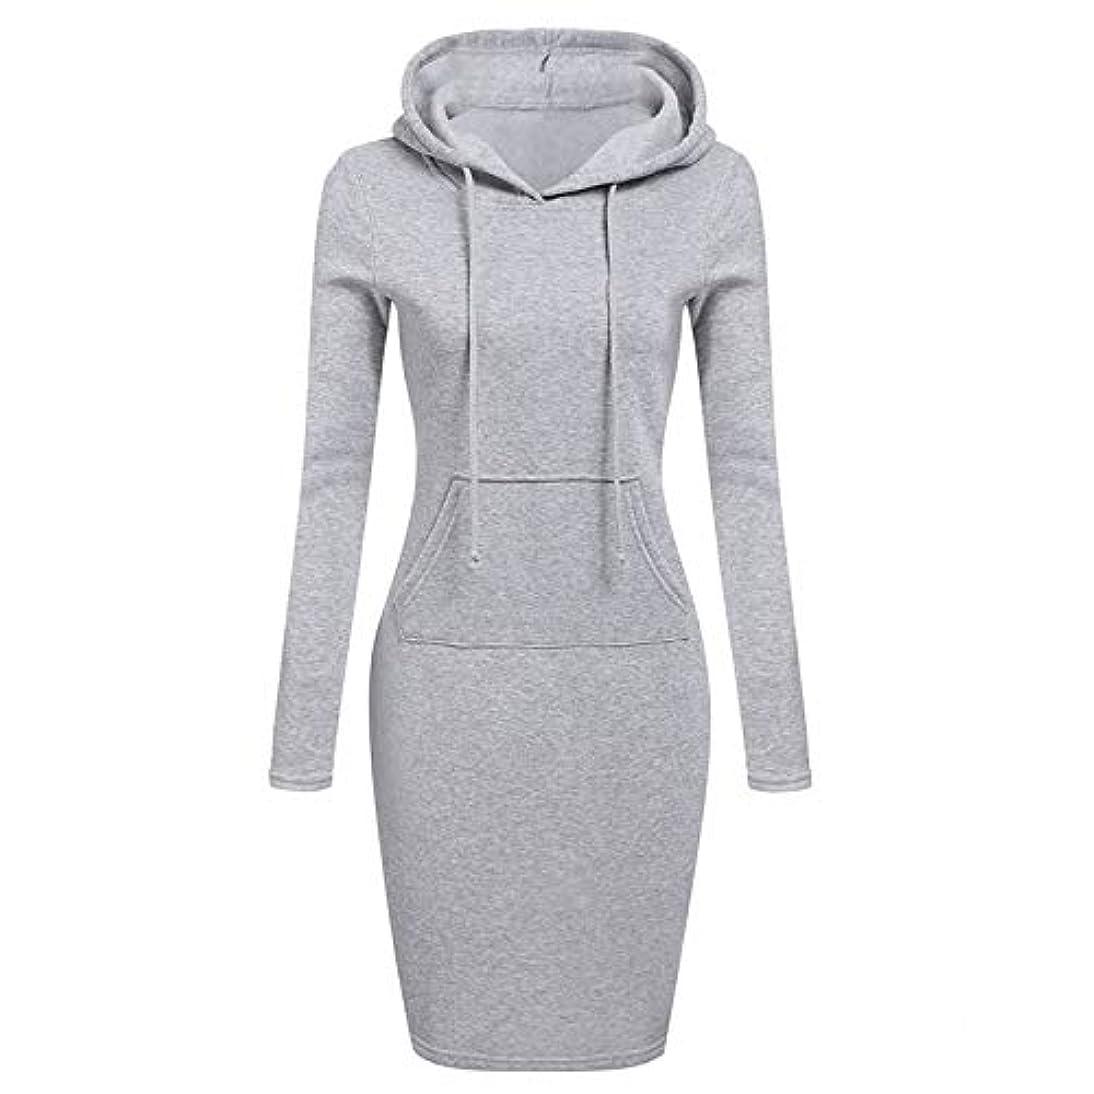 マイク干渉干渉Onderroa - ファッションフード付き巾着フリースの女性のドレス秋冬はドレス女性Vestidosパーカースウェットシャツドレスを温めます